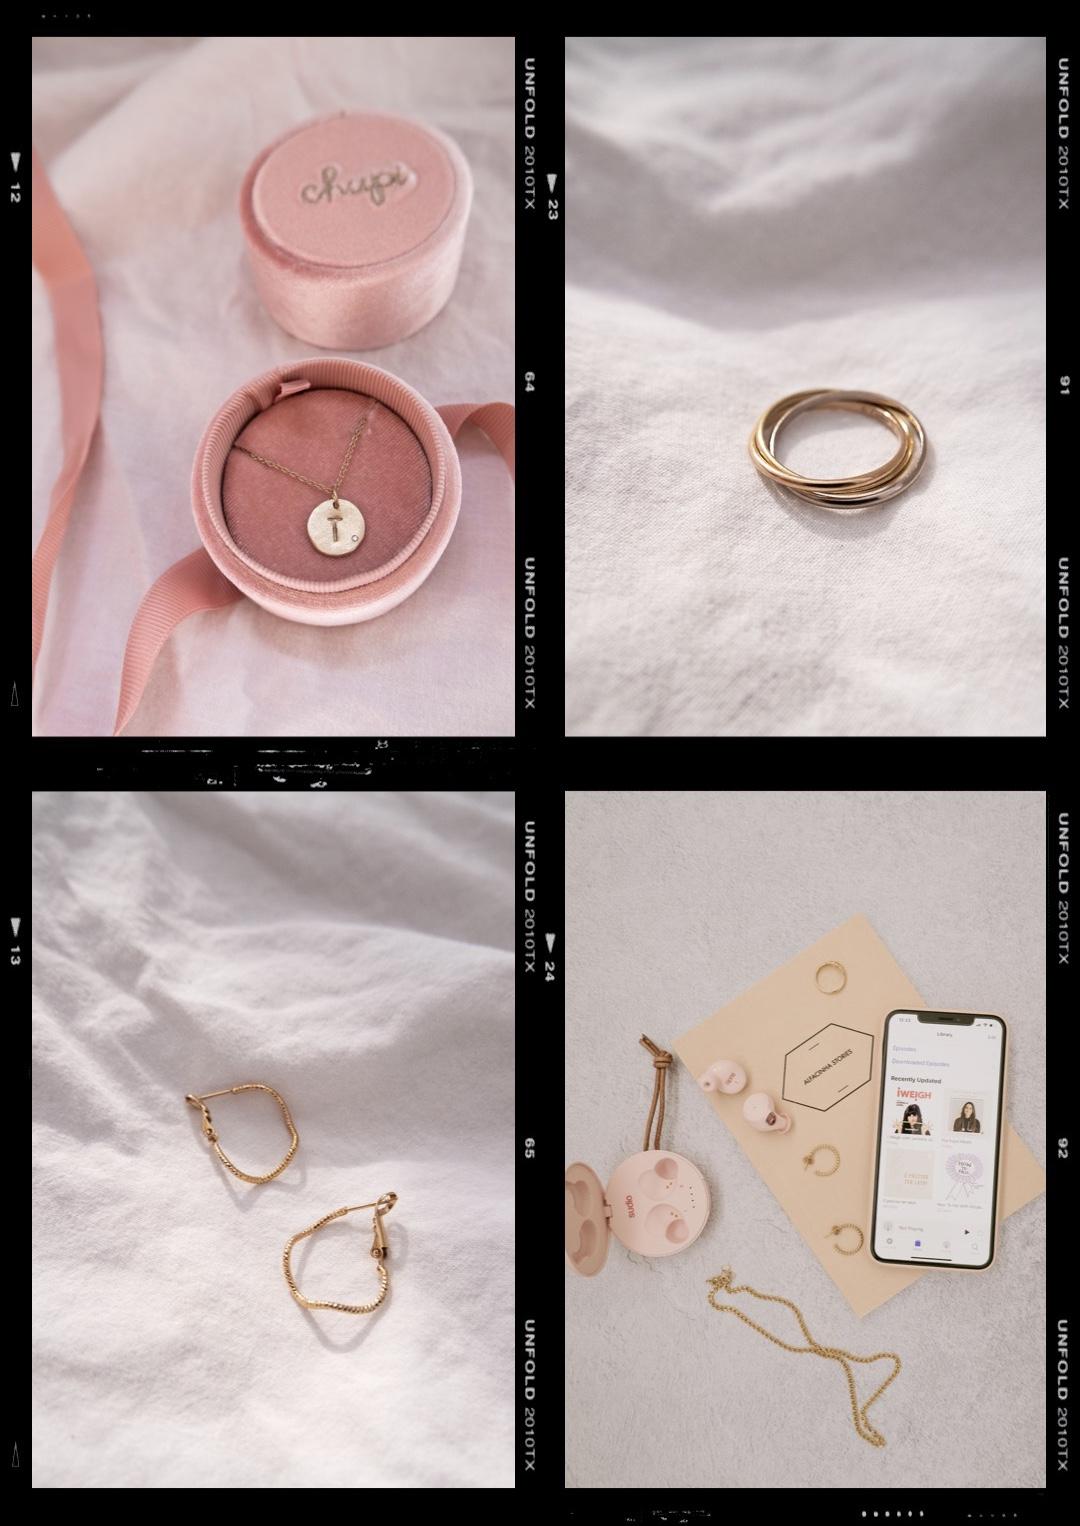 Everyday jewellery